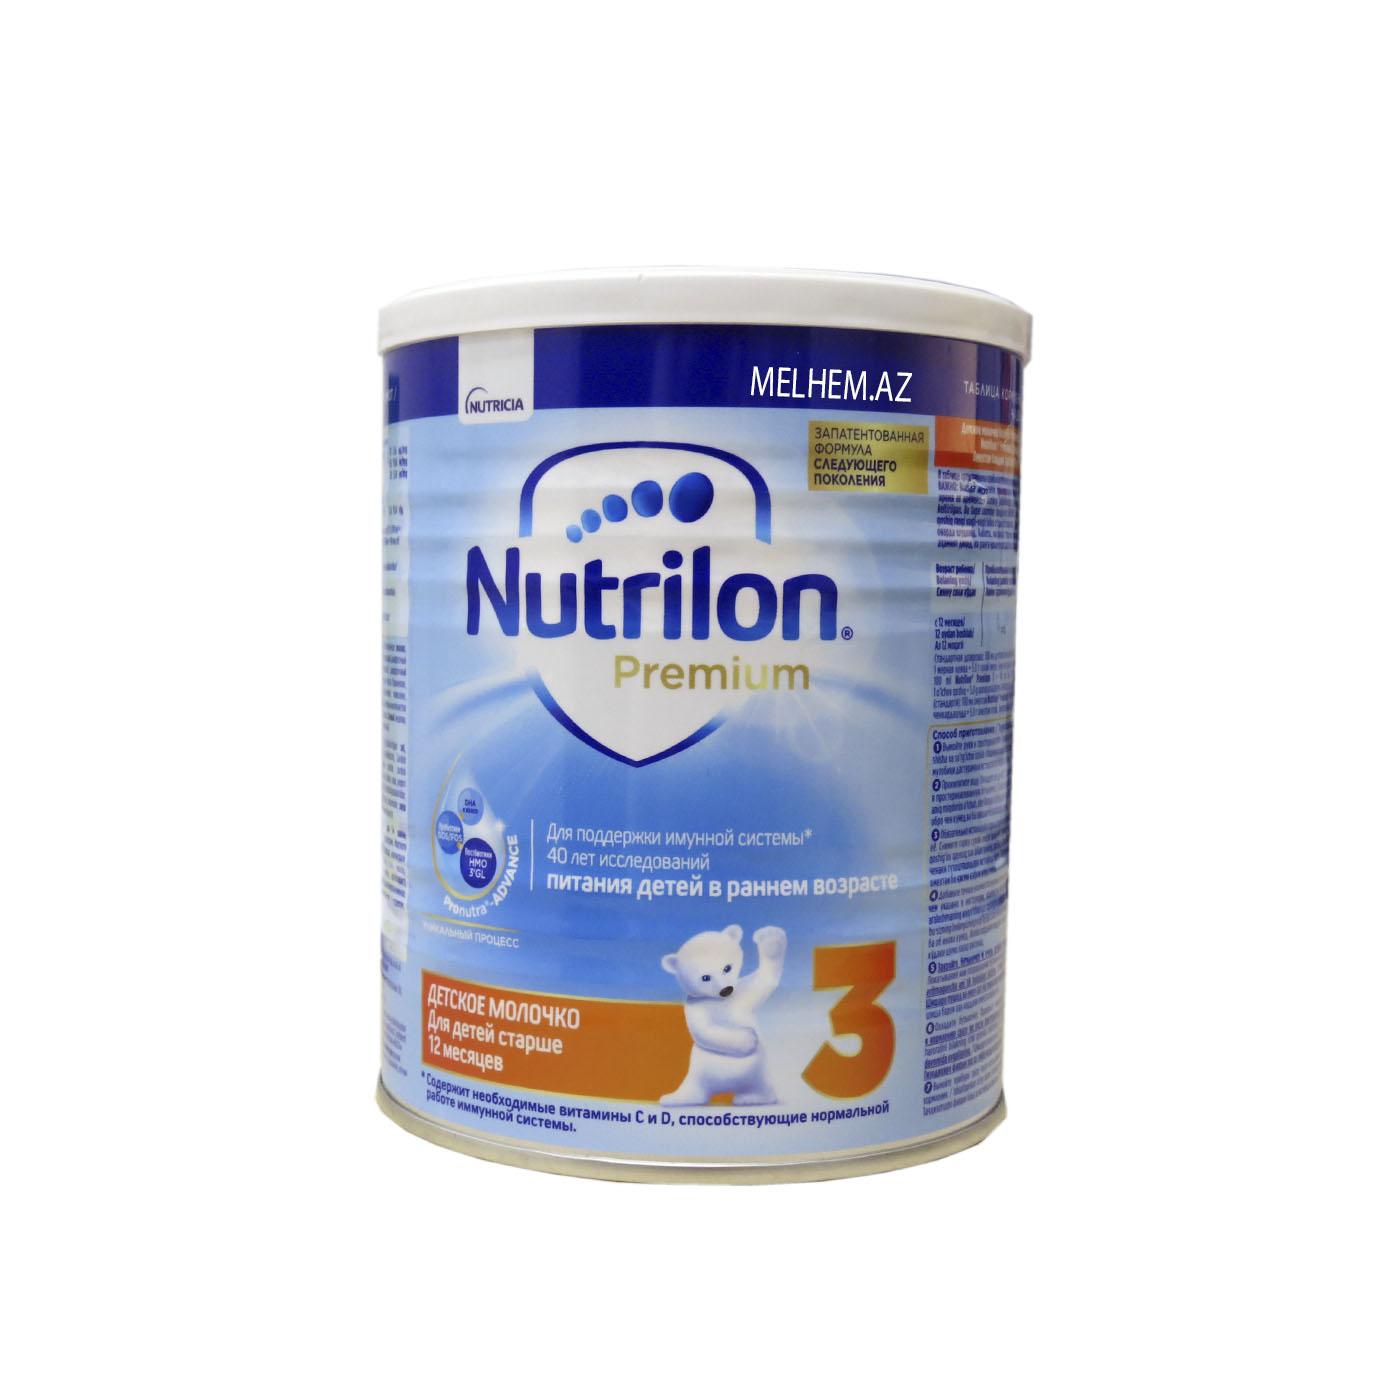 NUTRİLON 3 (PREMİUM)  400 Q